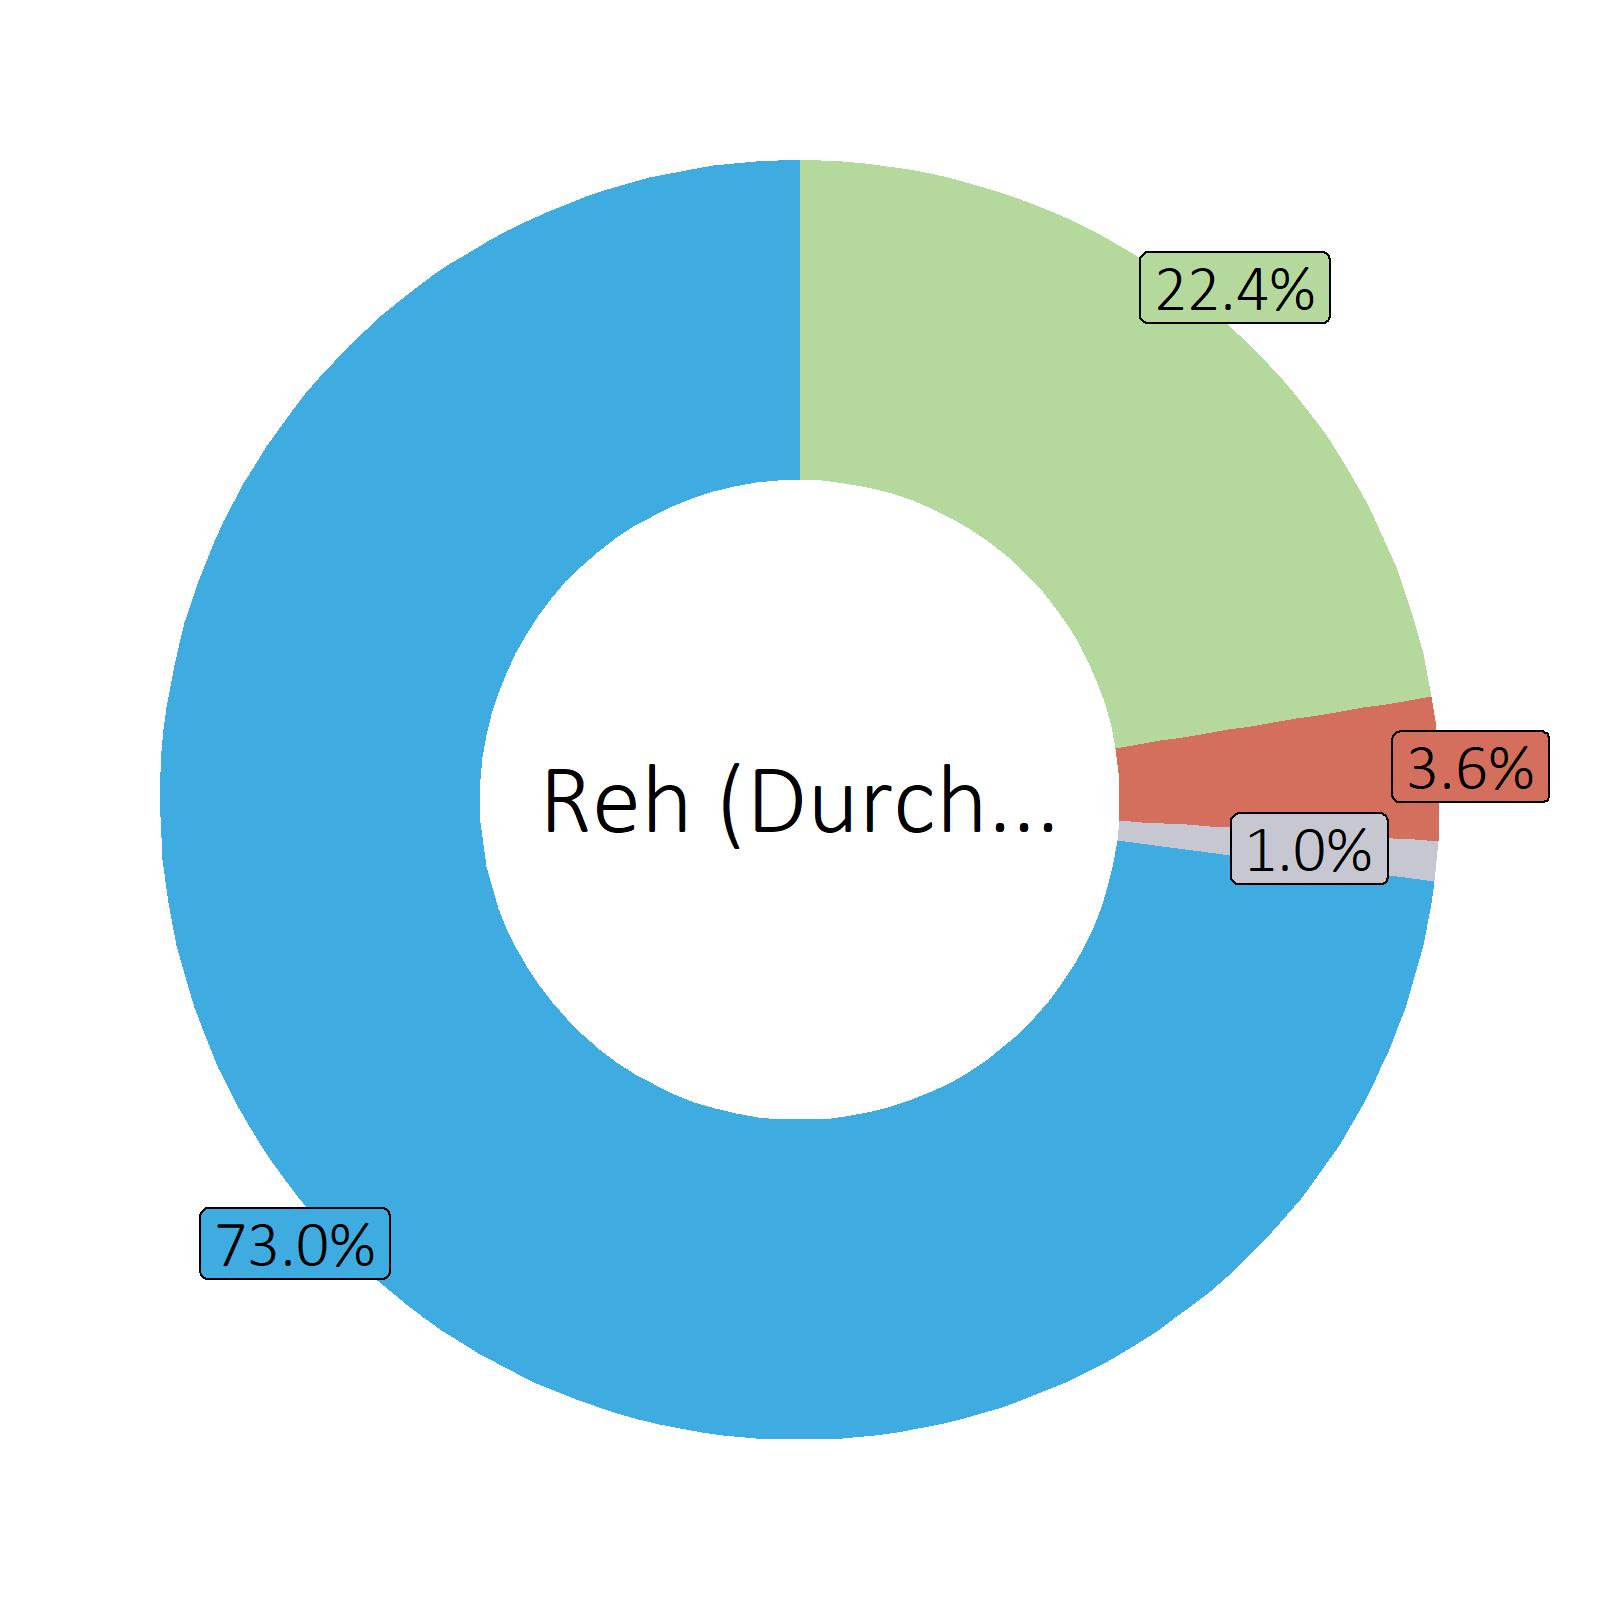 Bestandteile Reh (Durchschnitt)